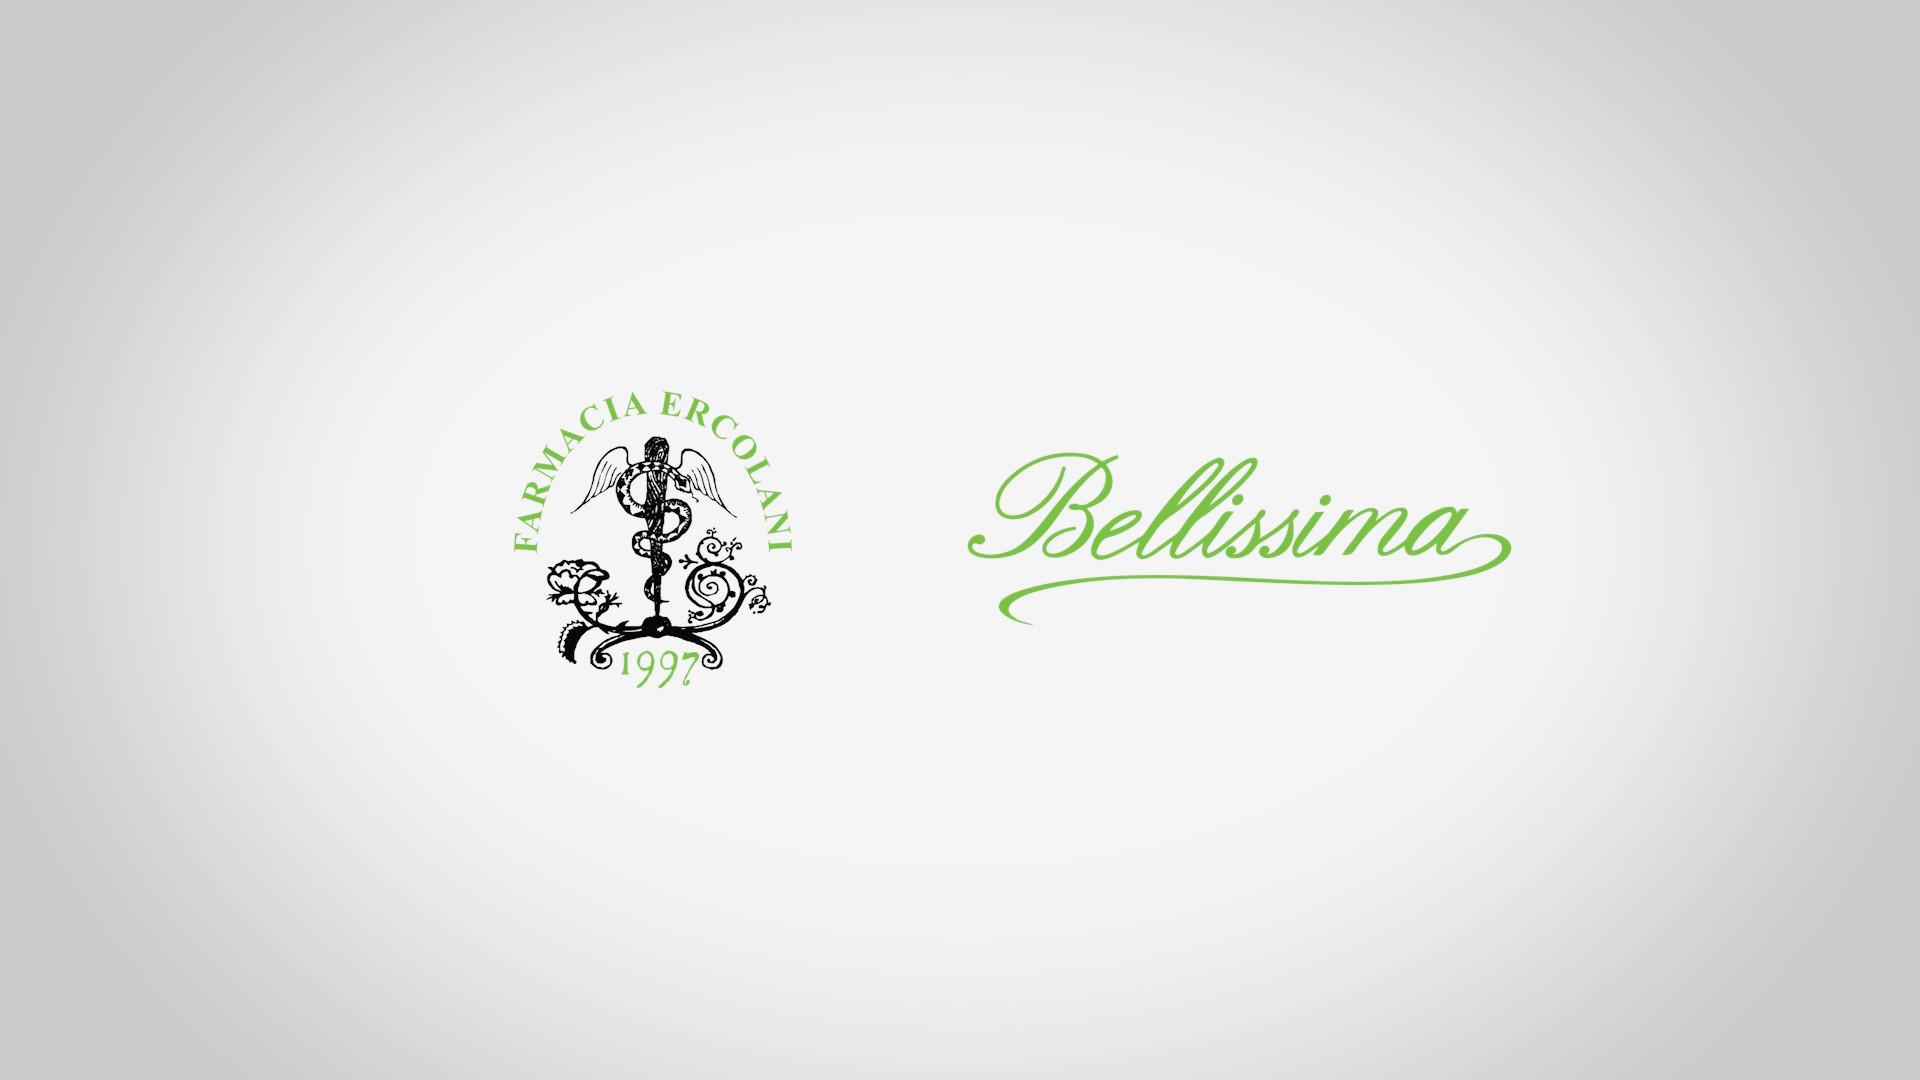 Farmacia Ercolani e Bellissima